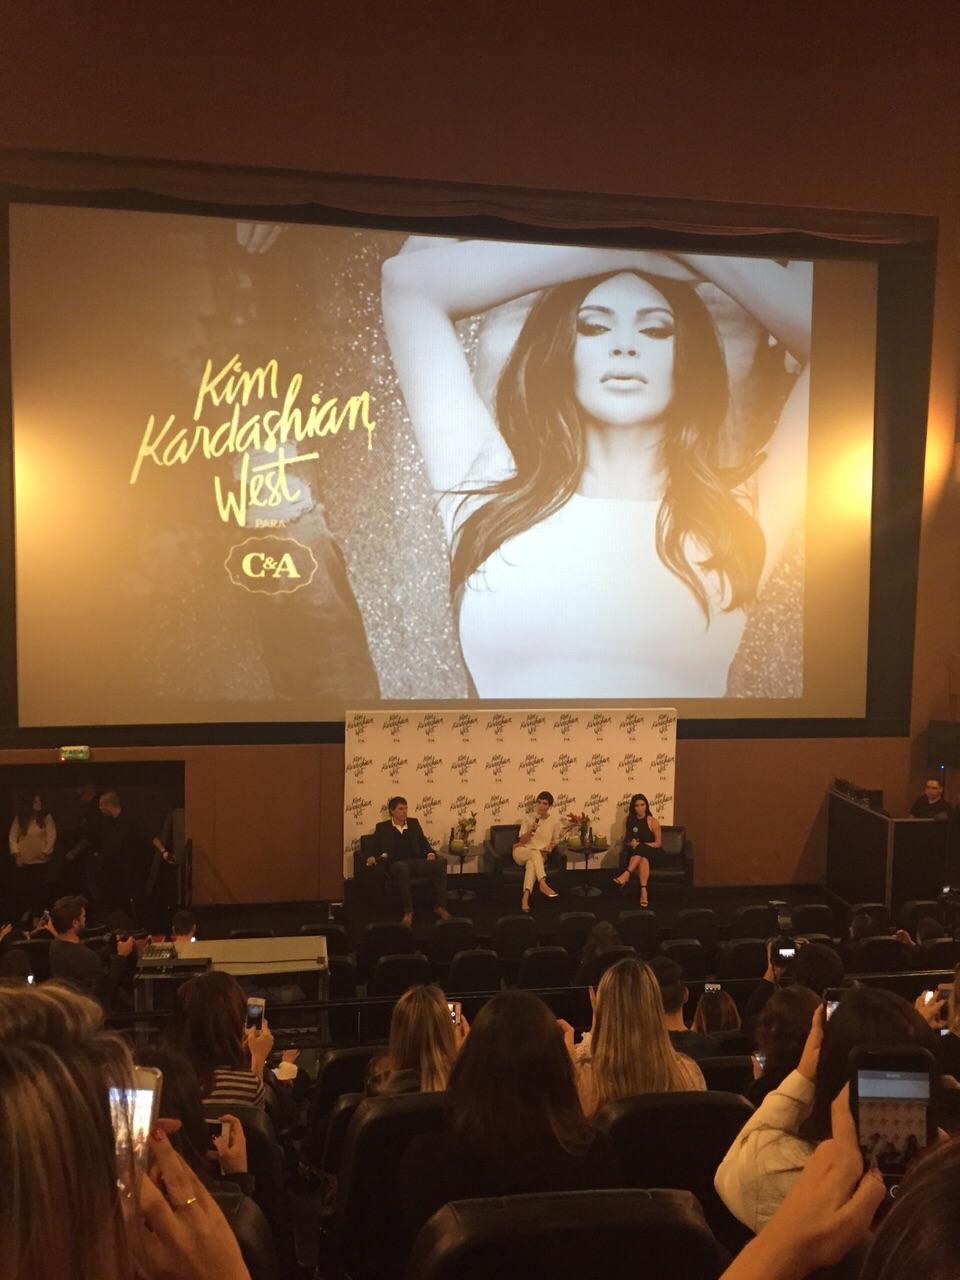 kim-kardashian-west-para-cea-colecao-assinada-dia-dos-namorados-coletiva-kim